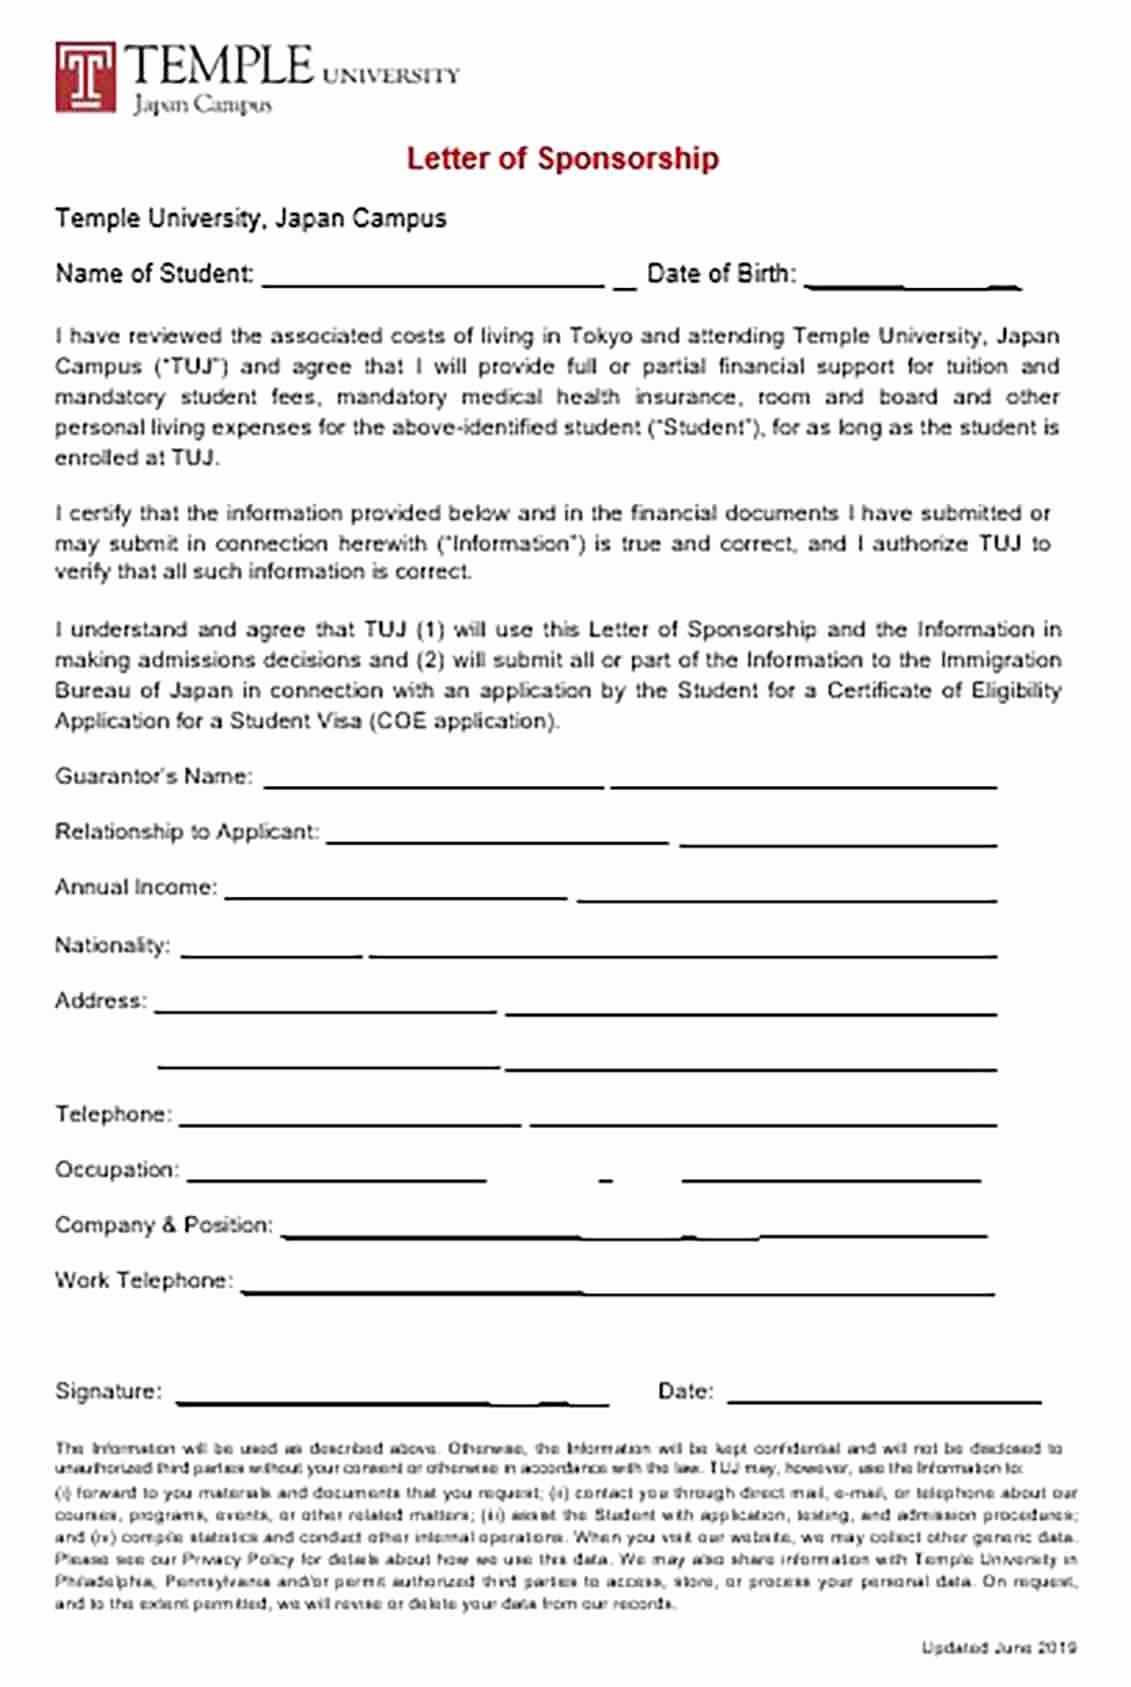 Sponsorship Letter for Visa Inspirational Visa Sponsorship Letter and Tips to Make the Reader